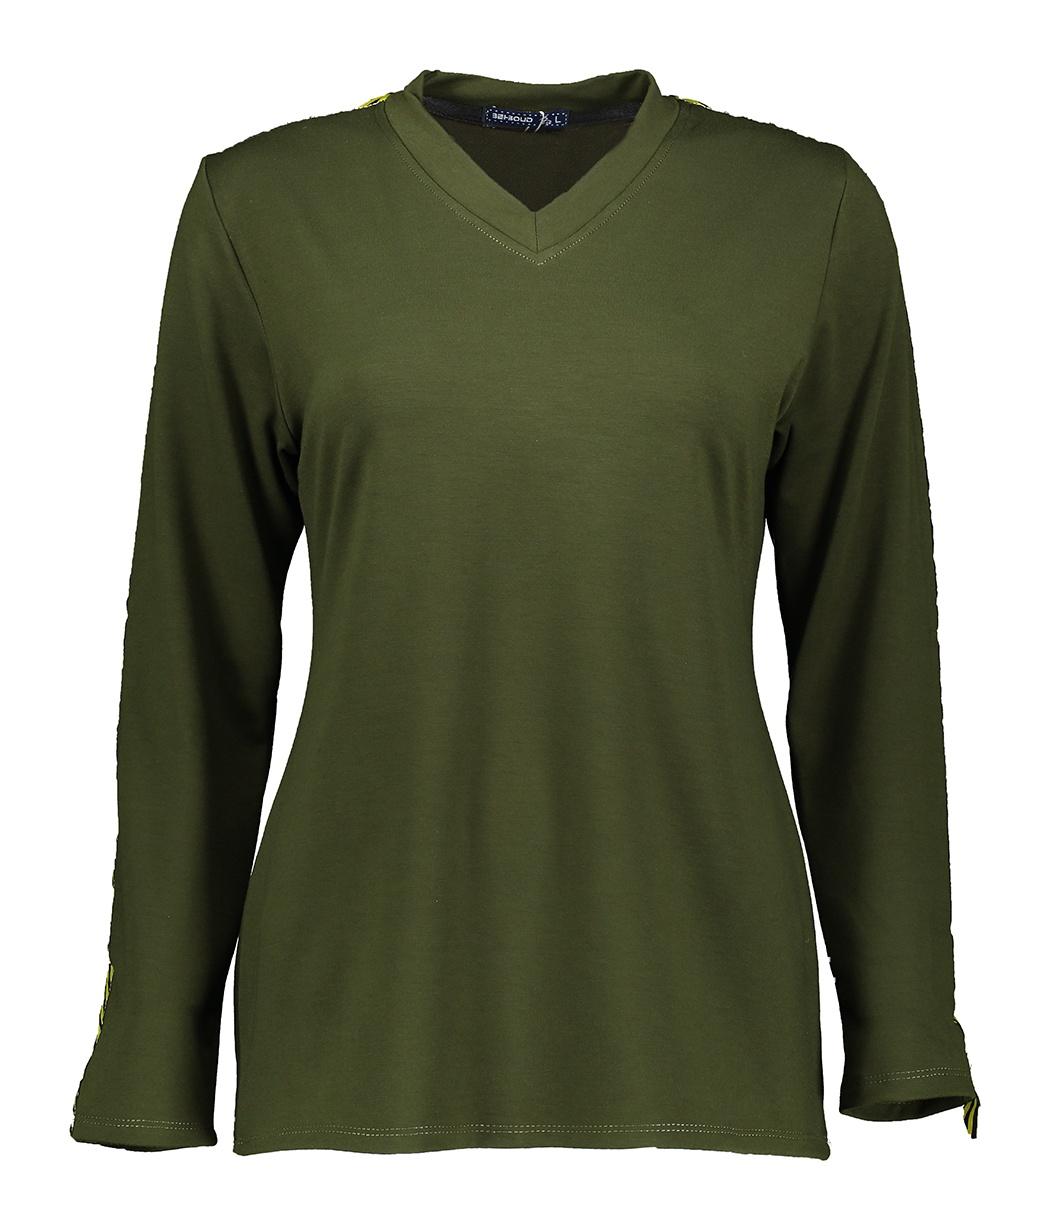 تصویر تی شرت زنانه بهبود مدل 1661151-45